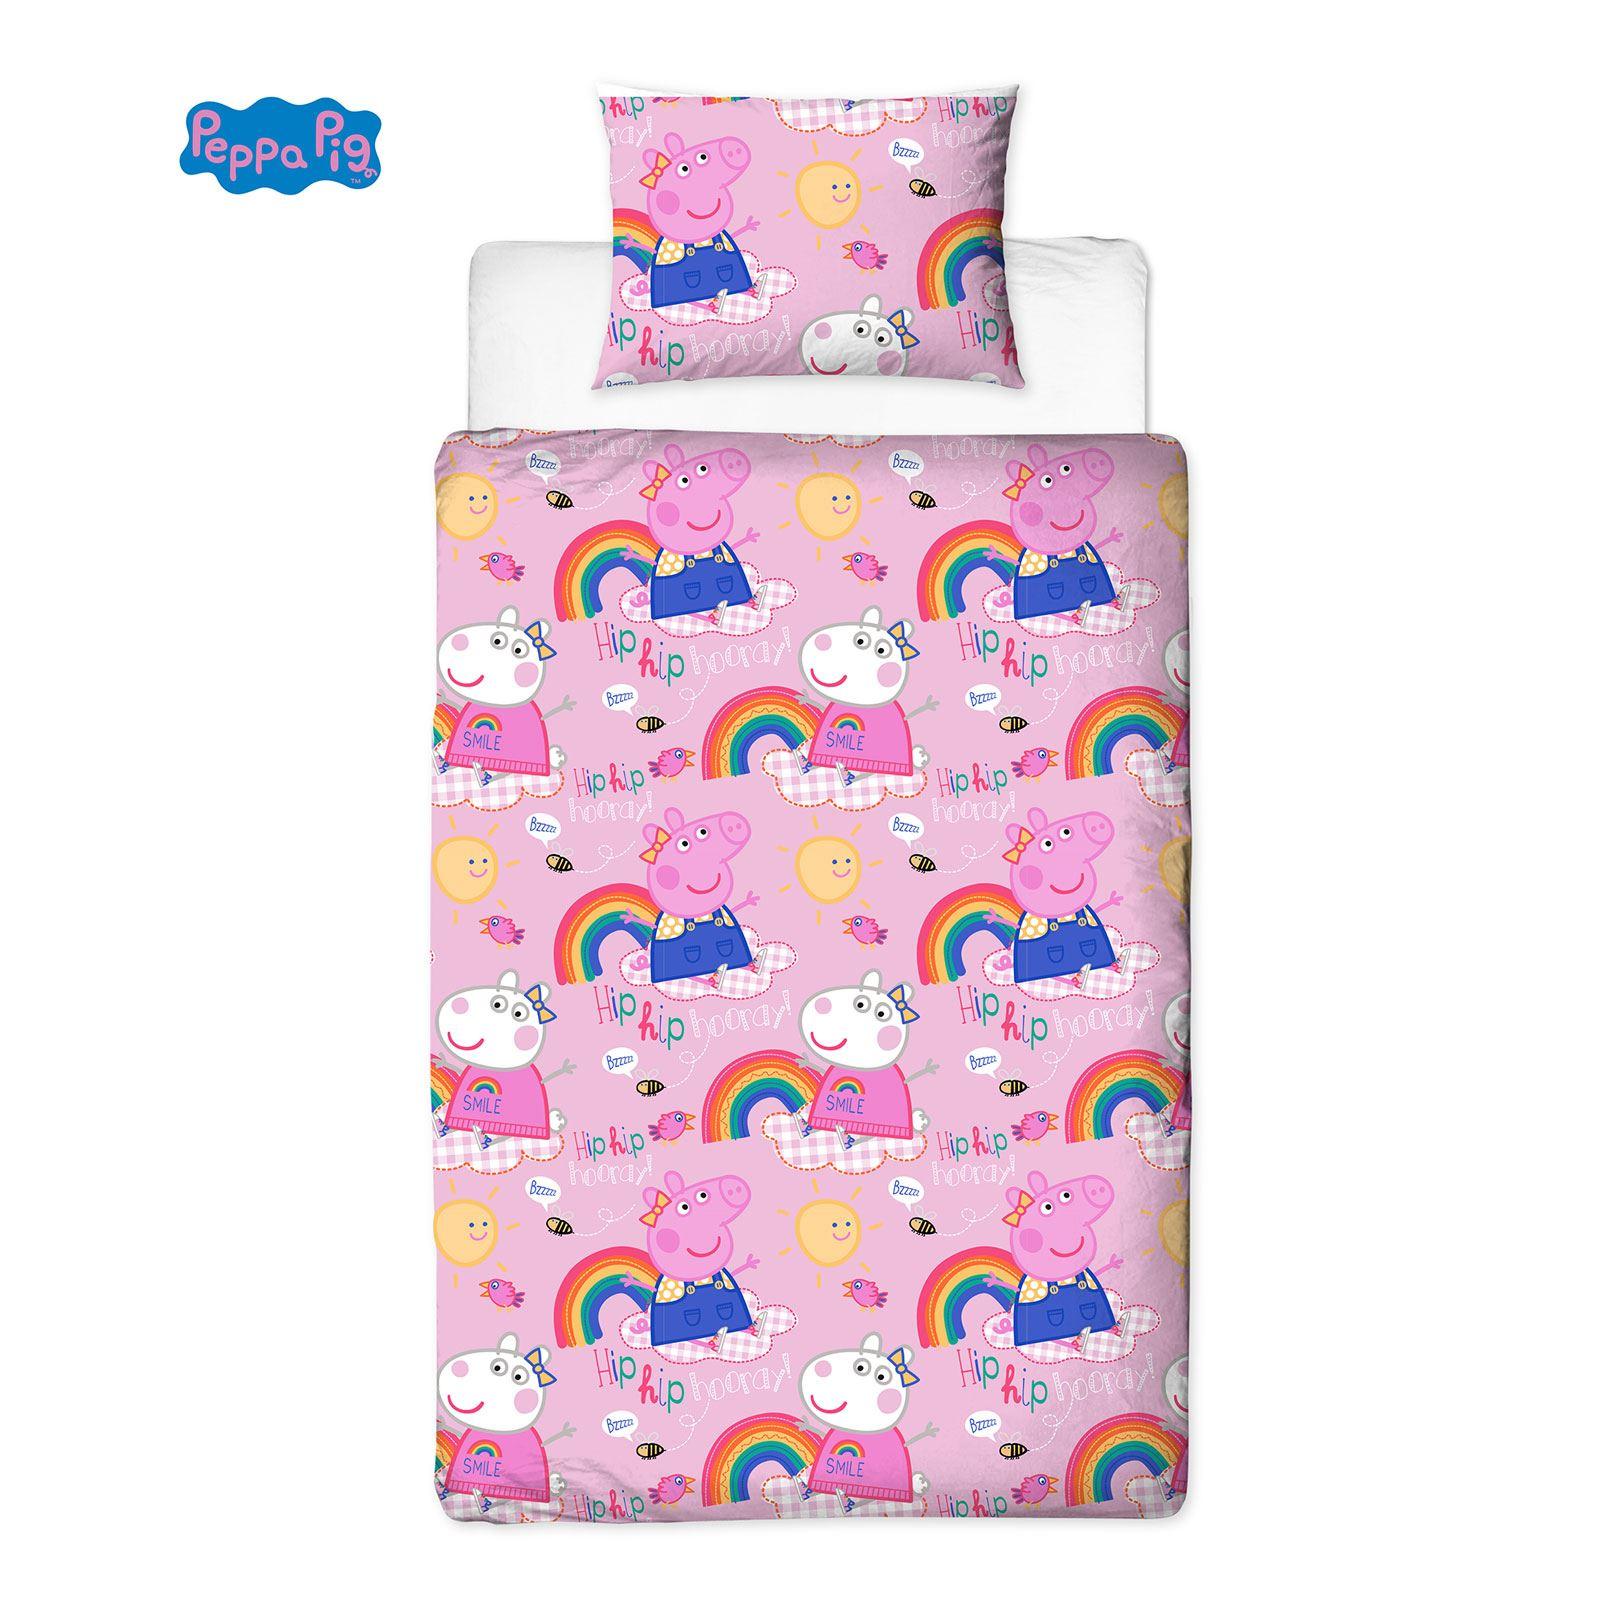 Peppa Pig Hooray Bedroom Bathroom Single Duvet Cover